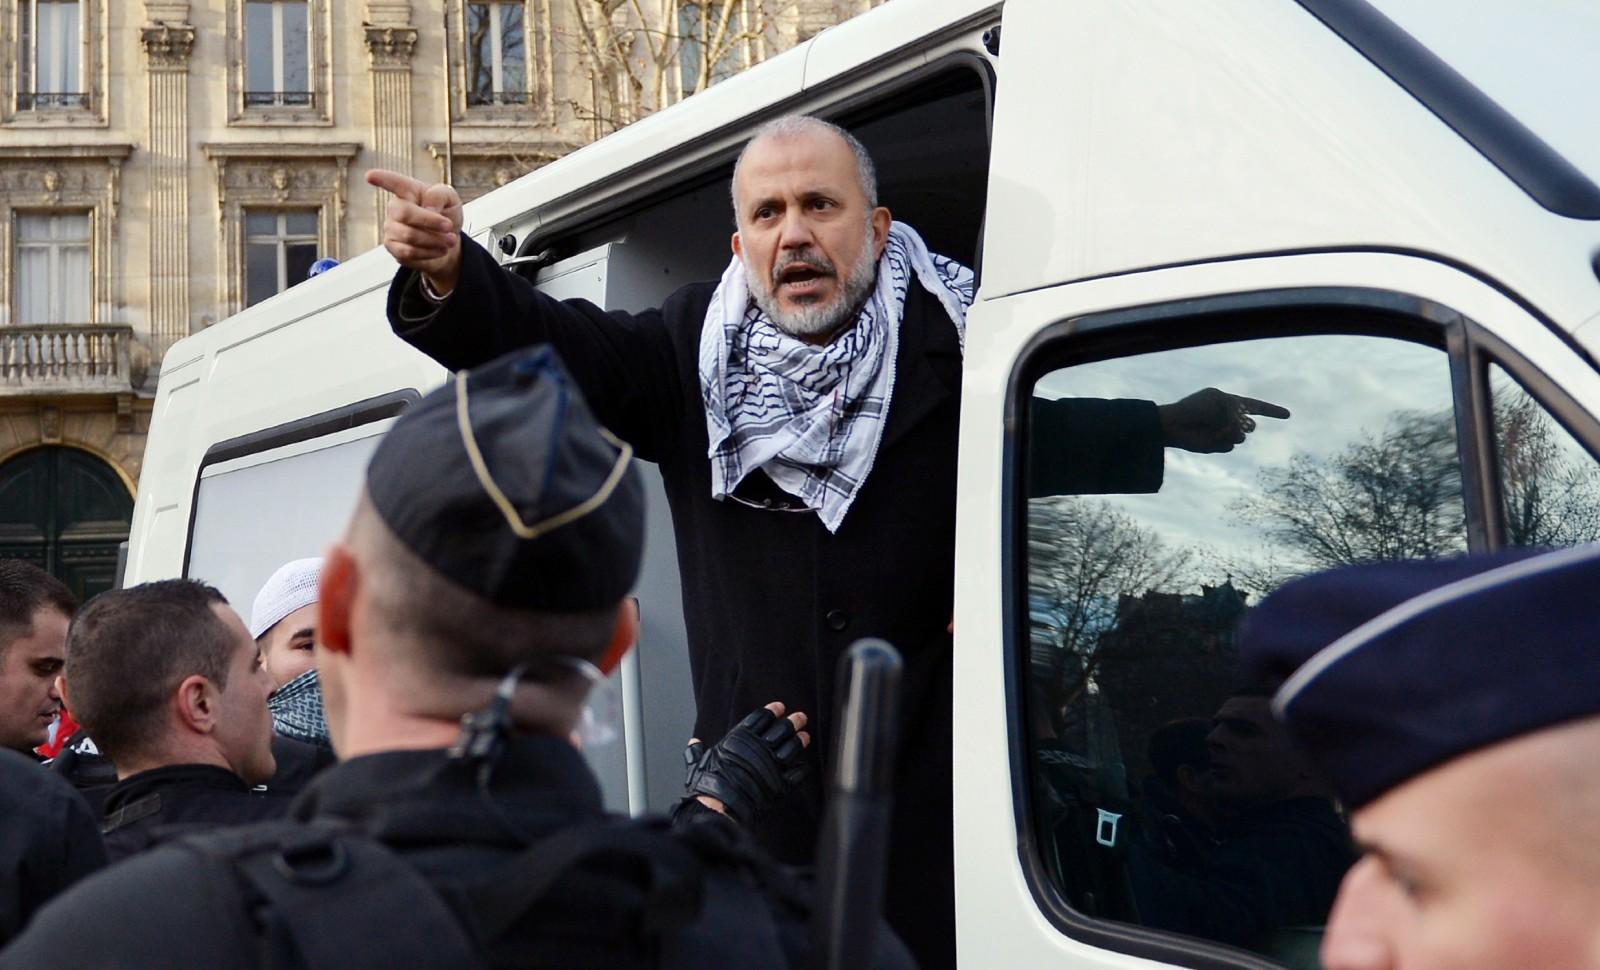 """Abdelhakim Sefrioui, le leader du collectif pro-Palestine """"Cheikh Yassine"""", interpellé par la gendarmerie à Paris en 2012 © MIGUEL MEDINA / AFP."""